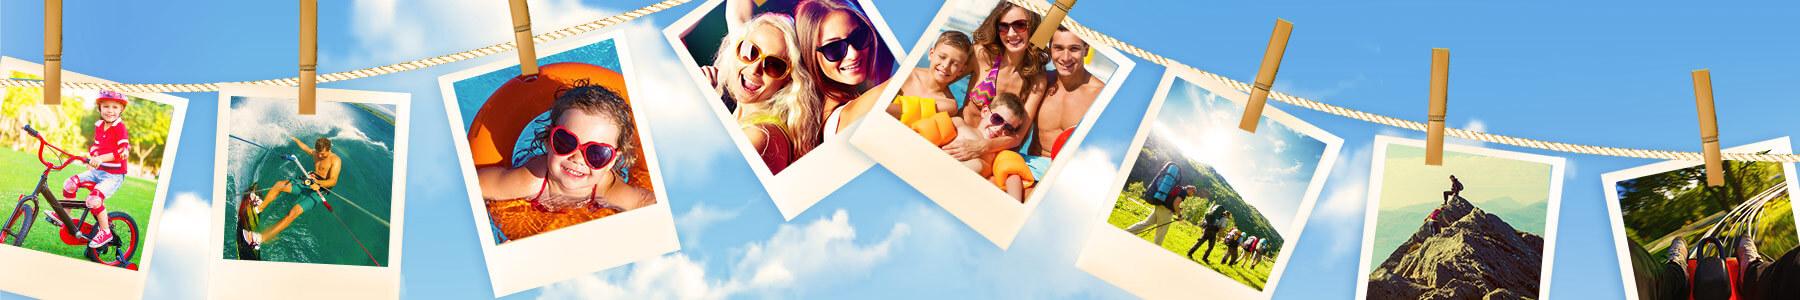 Letné zážitky